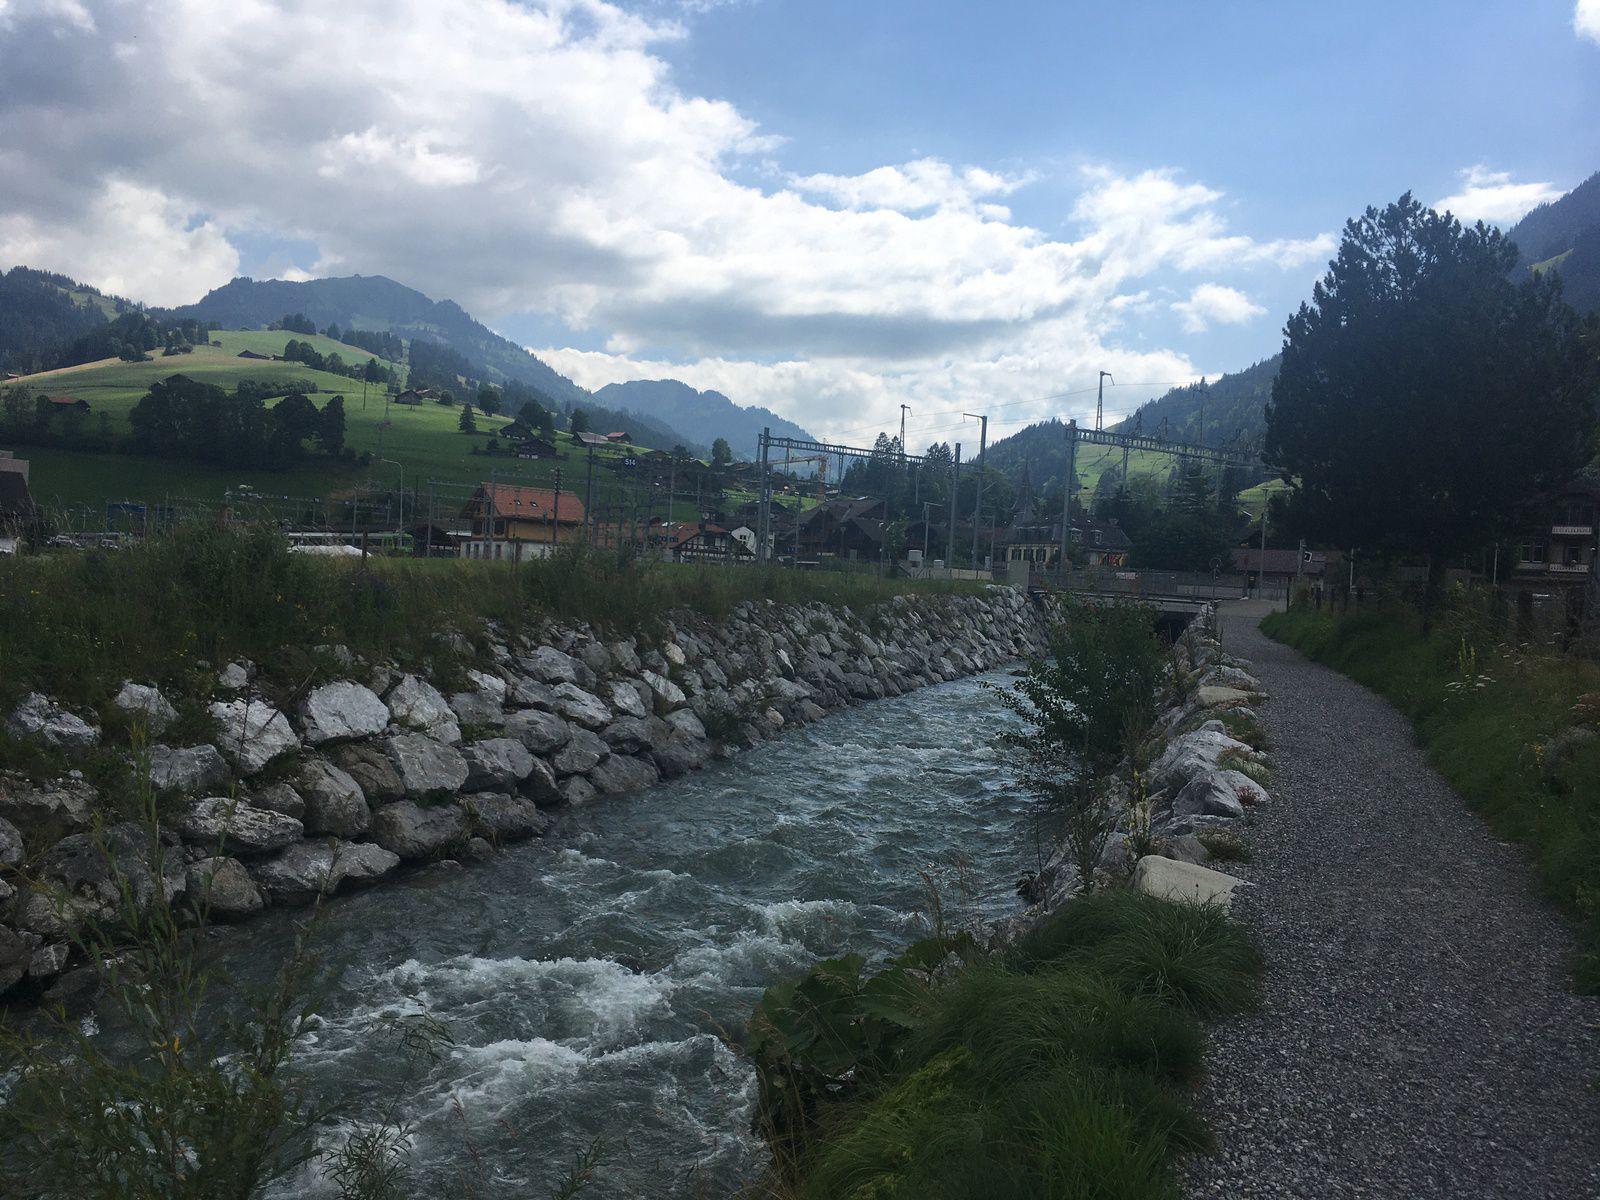 18 juillet 2021 : Balade au bord de la Simme / Forellensee (Suisse)